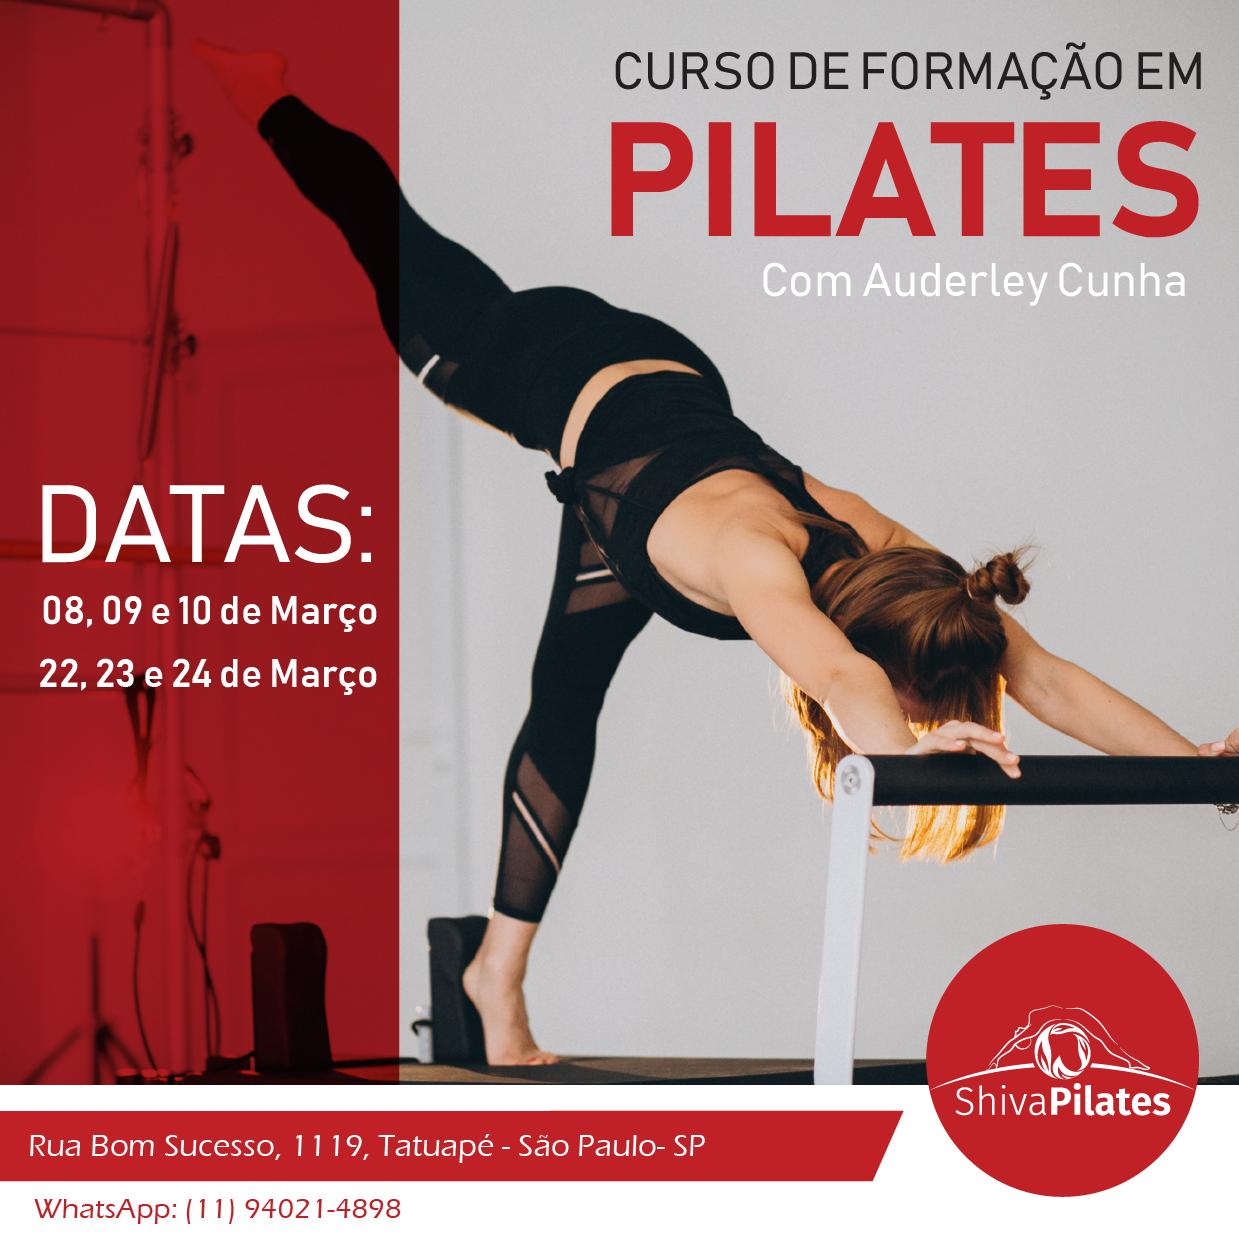 FORMACAO EM PILATES